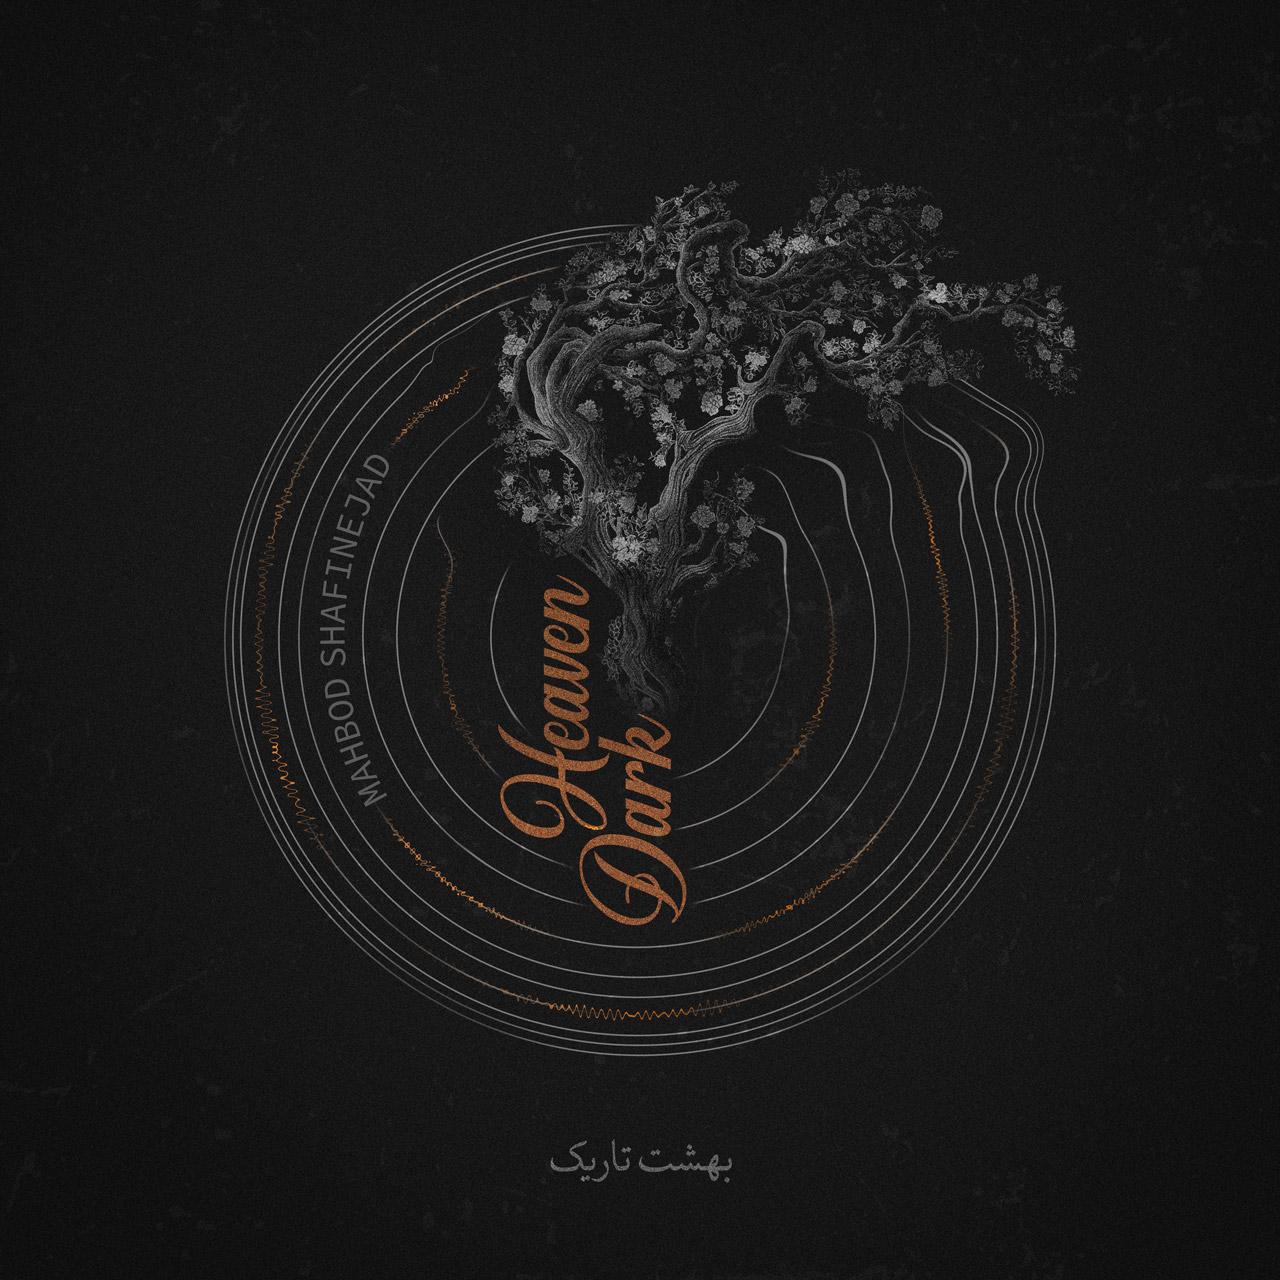 دانلود آلبوم مهبد شفیع نژاد بهشت تاریک